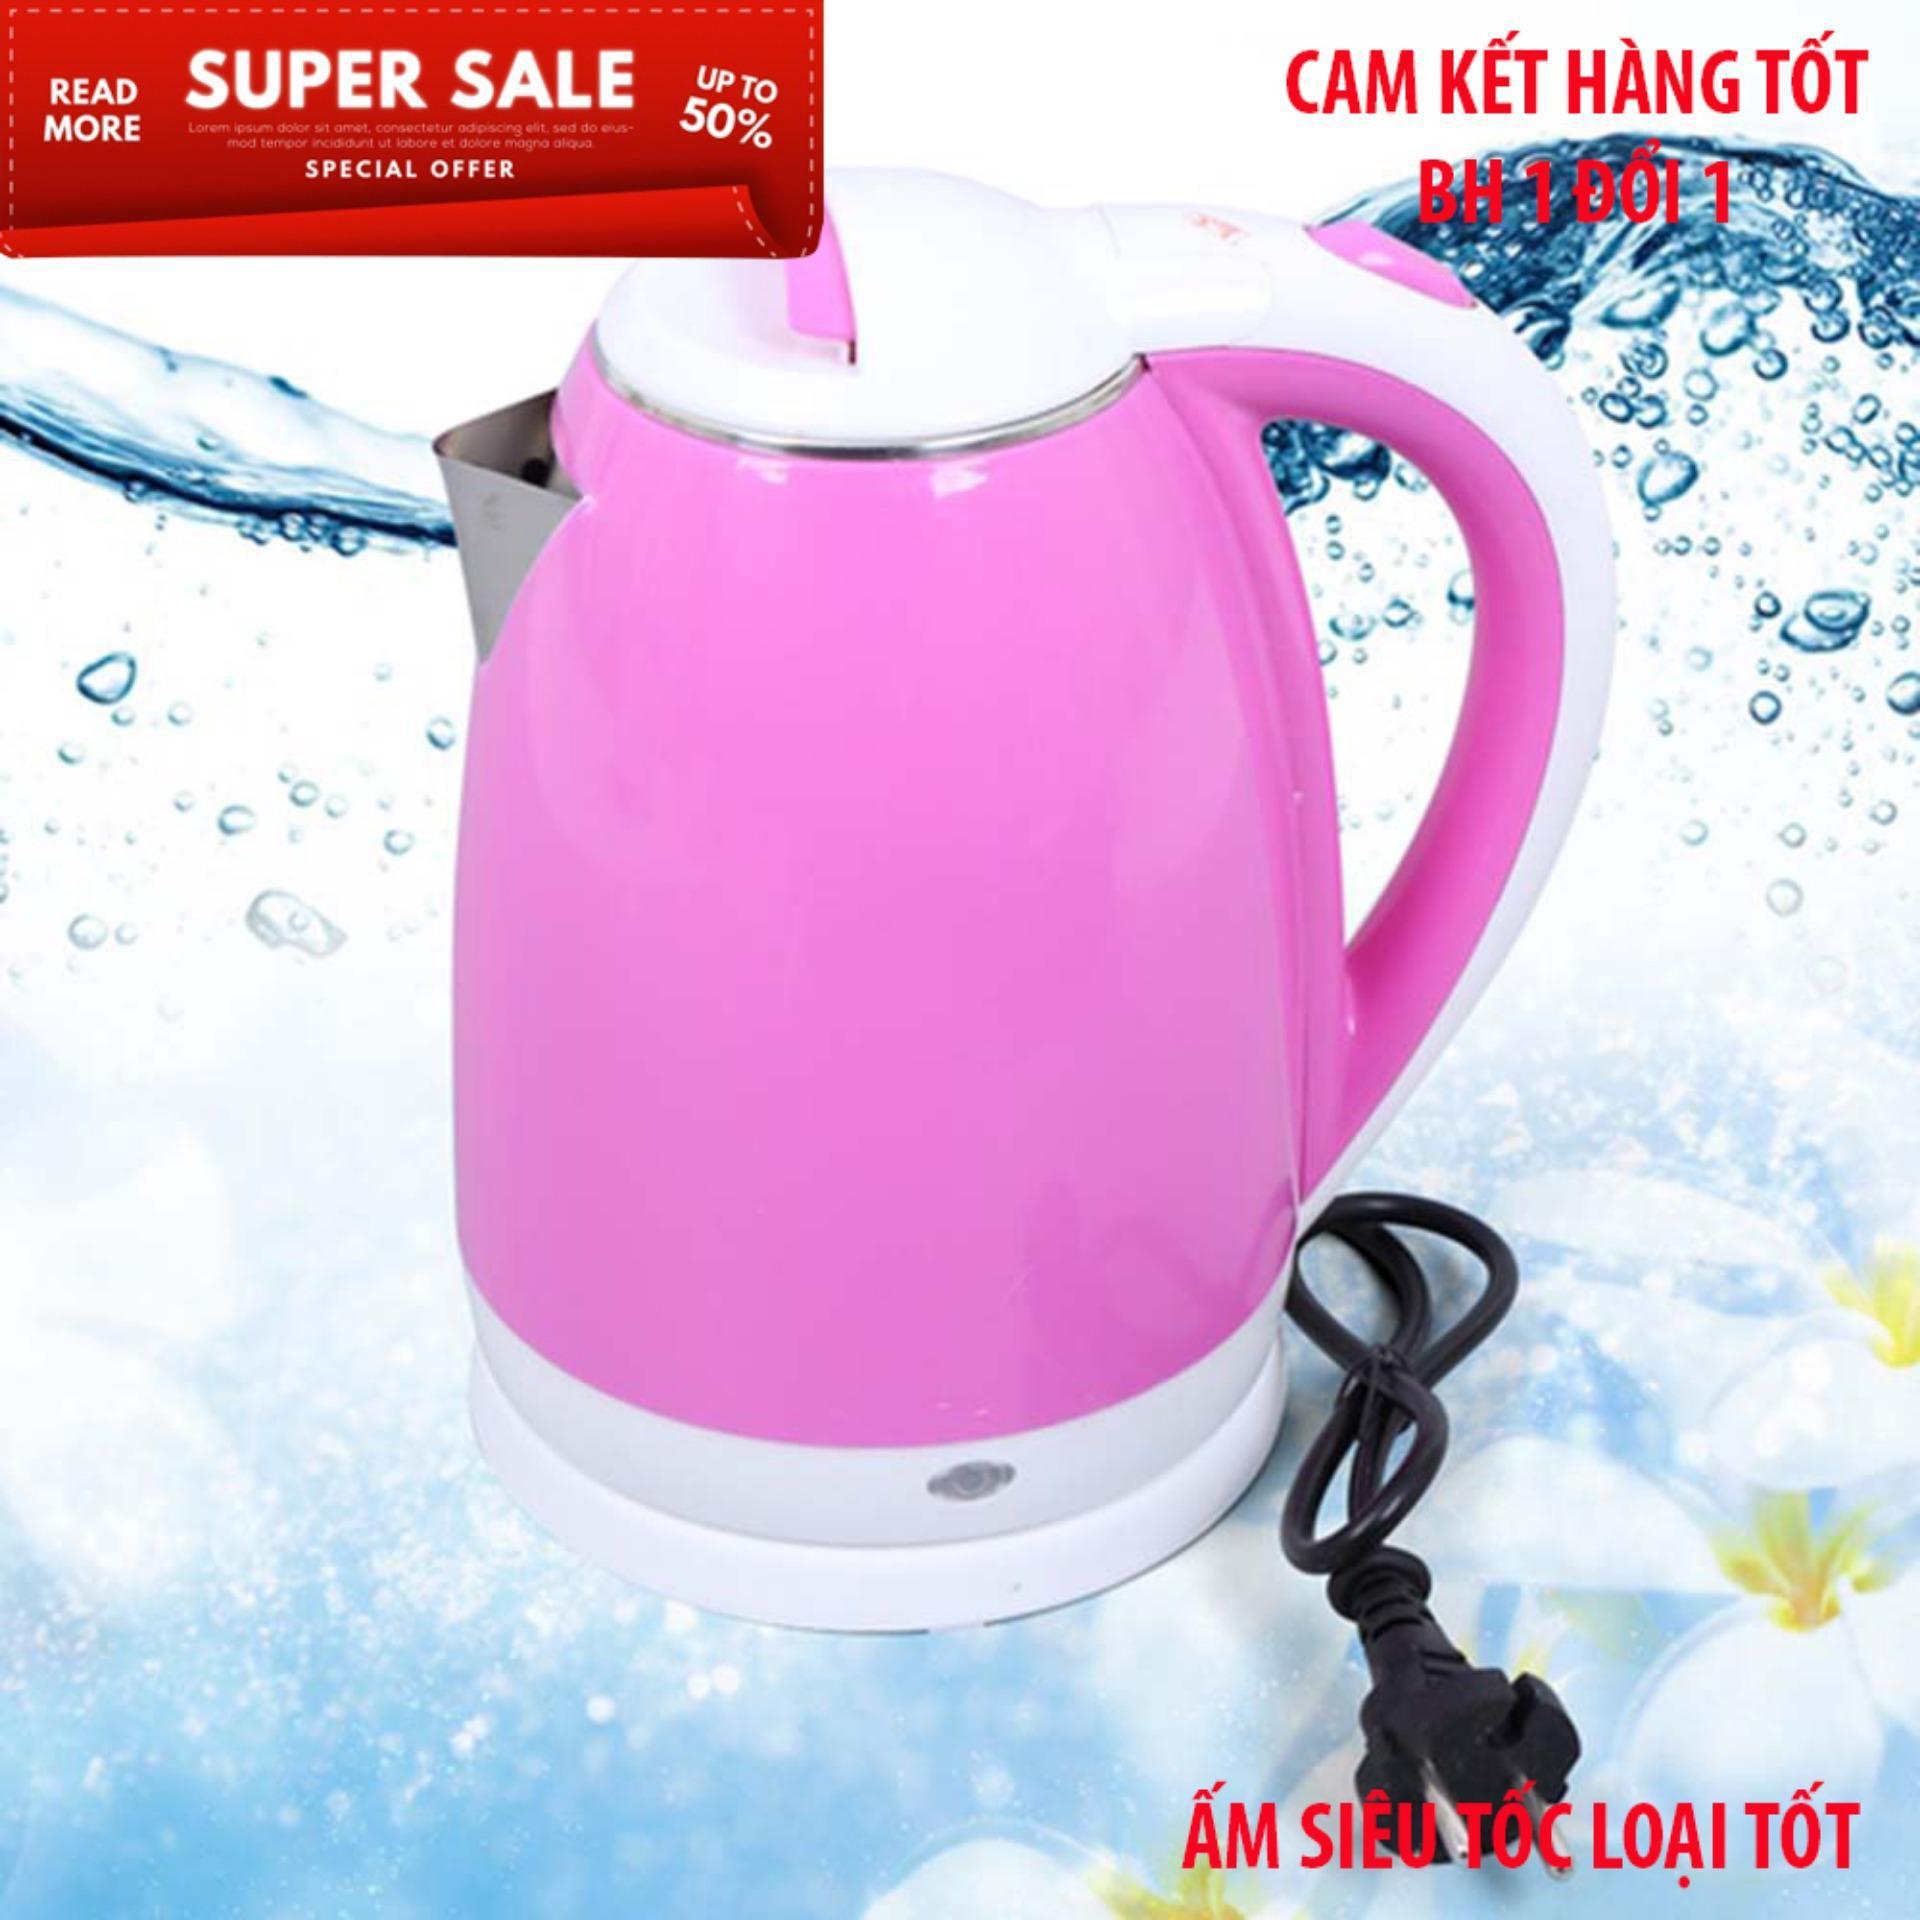 Bình điện philip còn không tốt bằng ấm điện này, Bình đun nước siêu tốc 1.5L - Chất liệu an toàn, Giảm giá sốc, BH 03 tháng, Ca đun nước mini